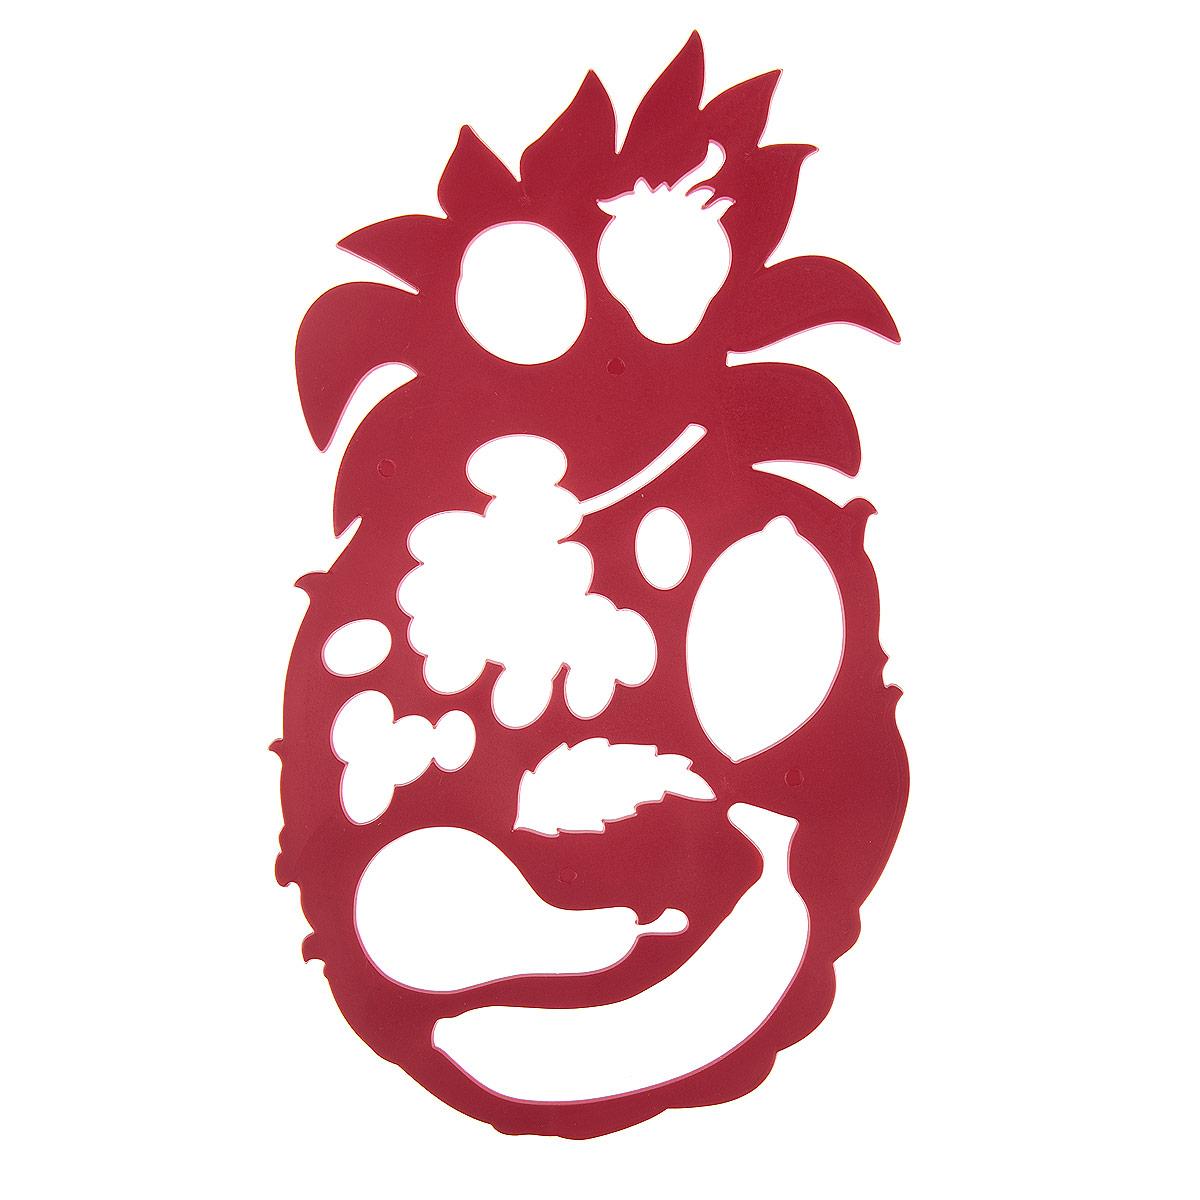 Луч Трафарет фигурный Ананас с фруктами цвет красный17С 1148-08Трафарет фигурный Луч Ананас с фруктами, выполненный из безопасного пластика, предназначен для детского творчества. С помощью этого трафарета ребенок может создать свою отличную композицию из фруктов: банана, груши, винограда, лимона, клубники. Трафарет можно использовать для рисования отдельных плодов и композиции из них, удобно использовать трафарет для изготовления аппликаций. Трафареты предназначены для развития у детей мелкой моторики и зрительно- двигательной координации, навыков художественной композиции и зрительного восприятия.